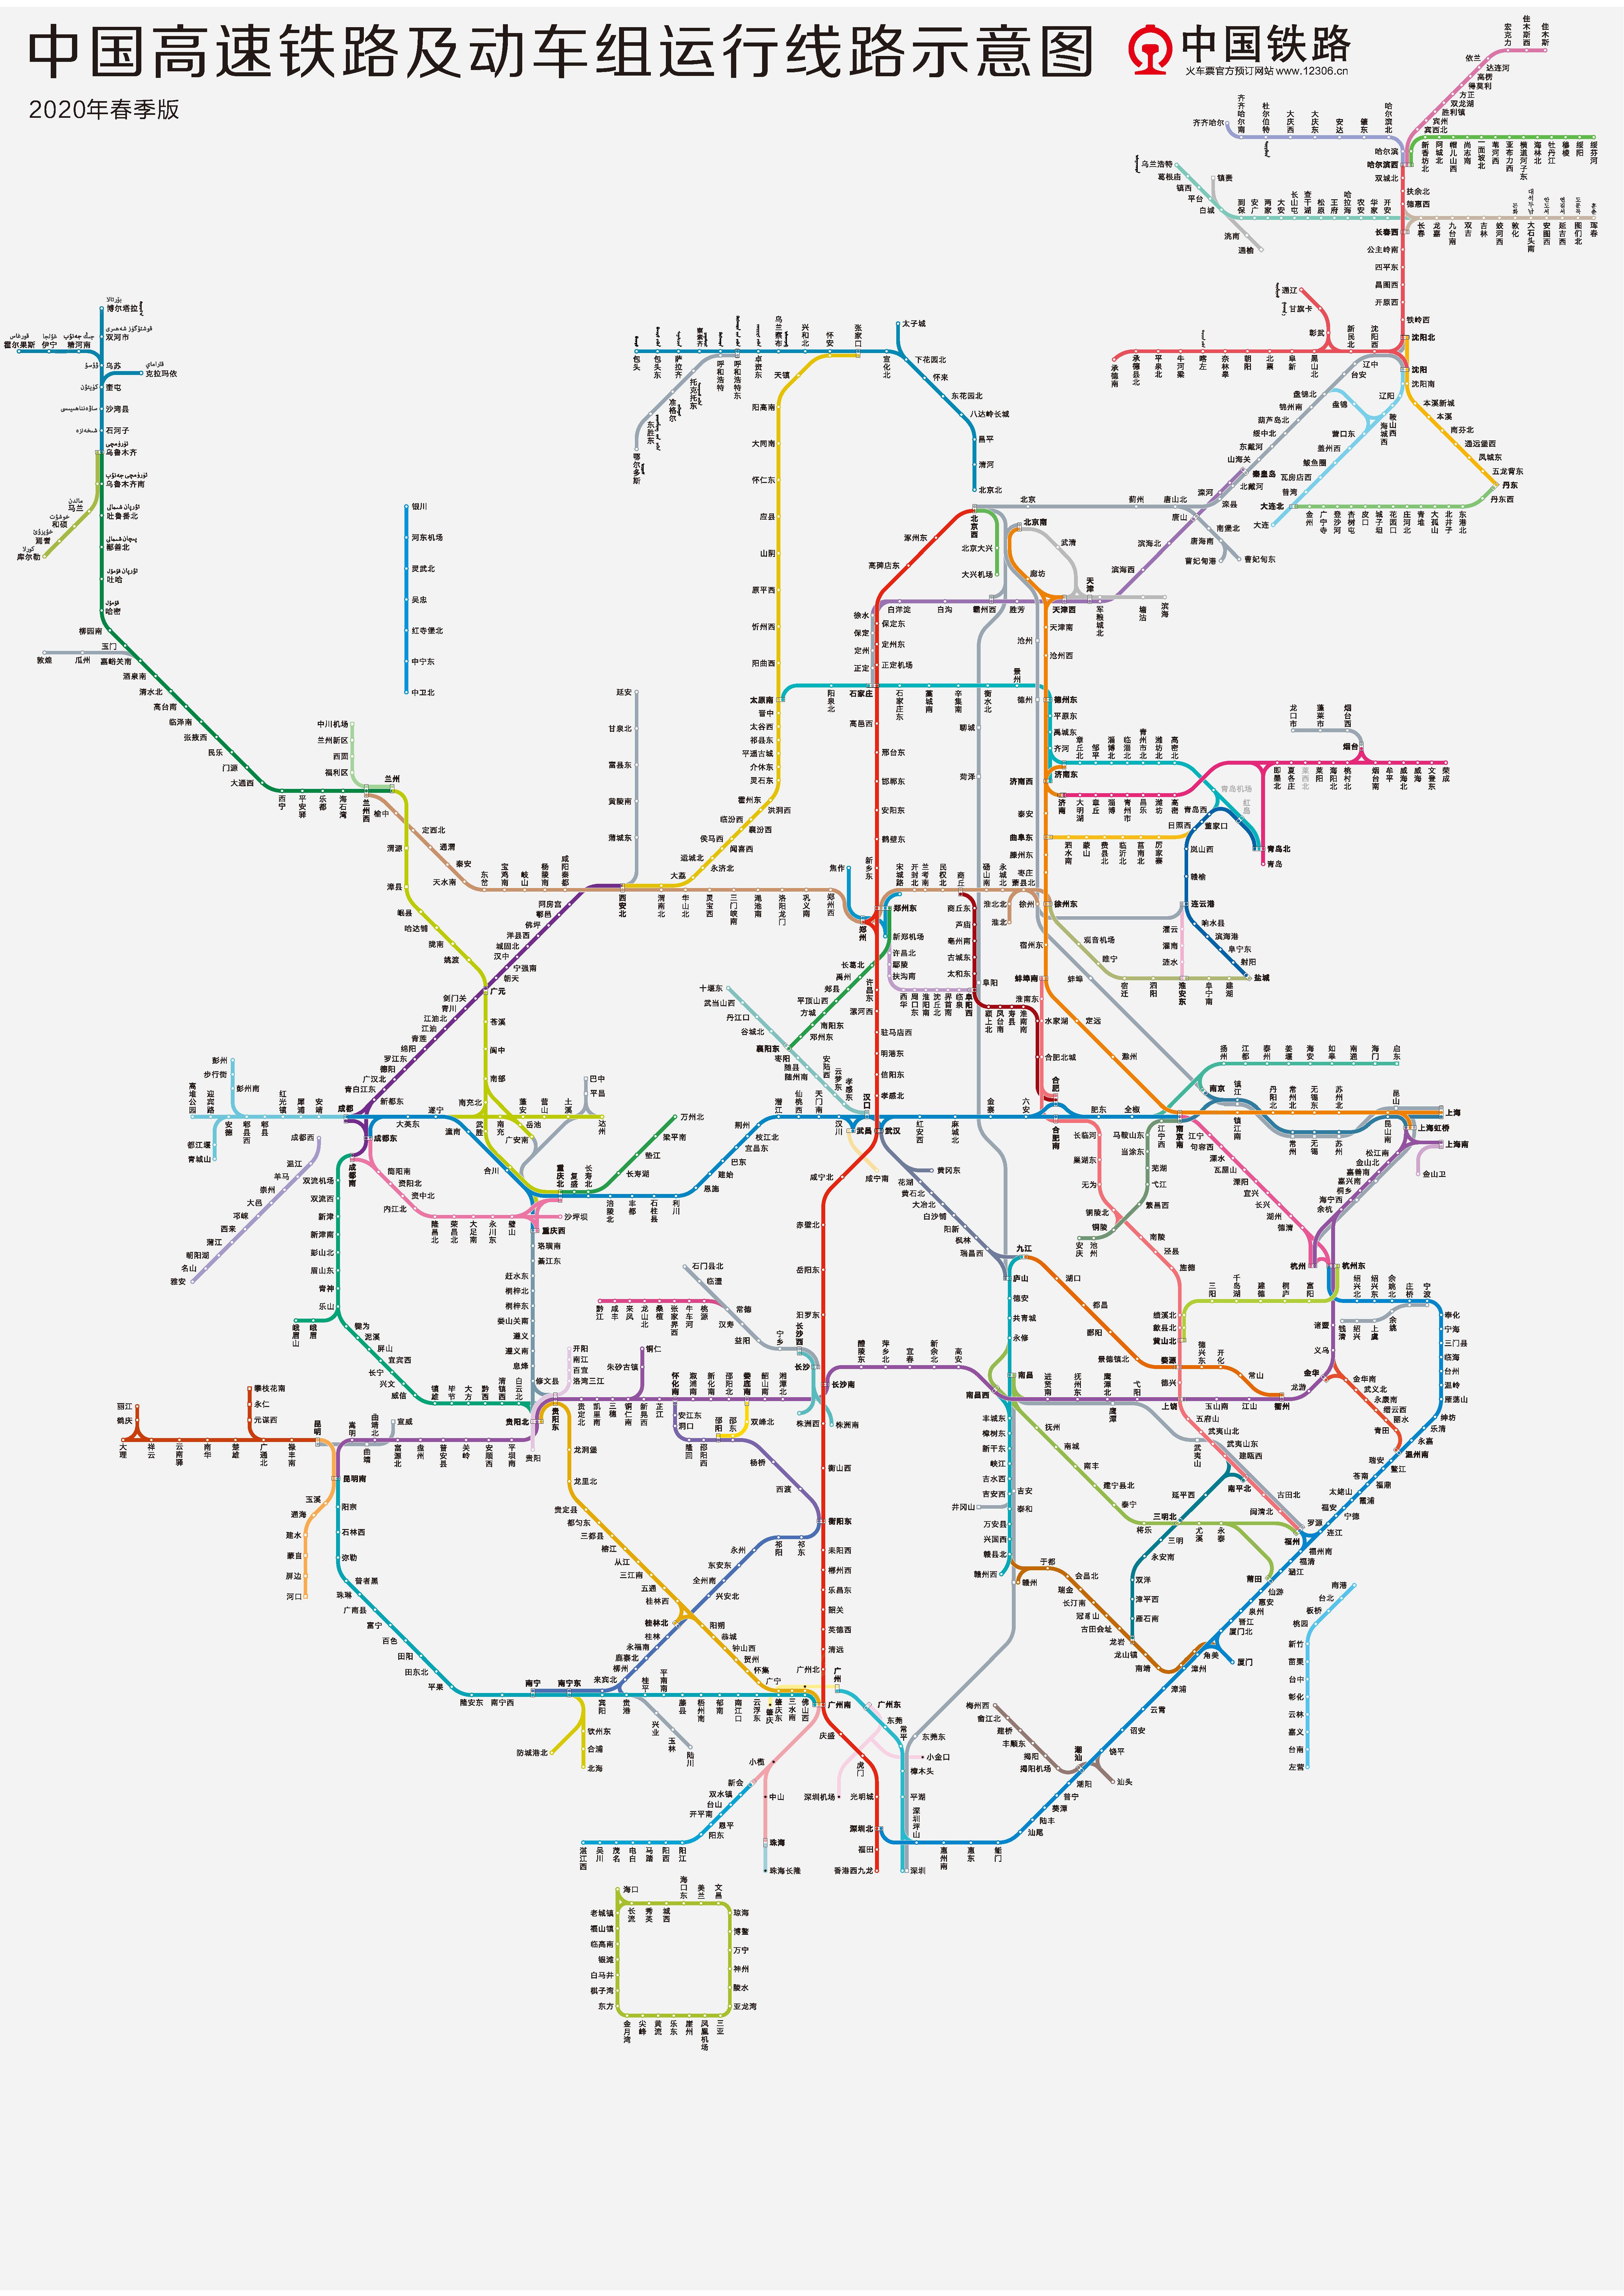 中国高铁线路图2020春季版